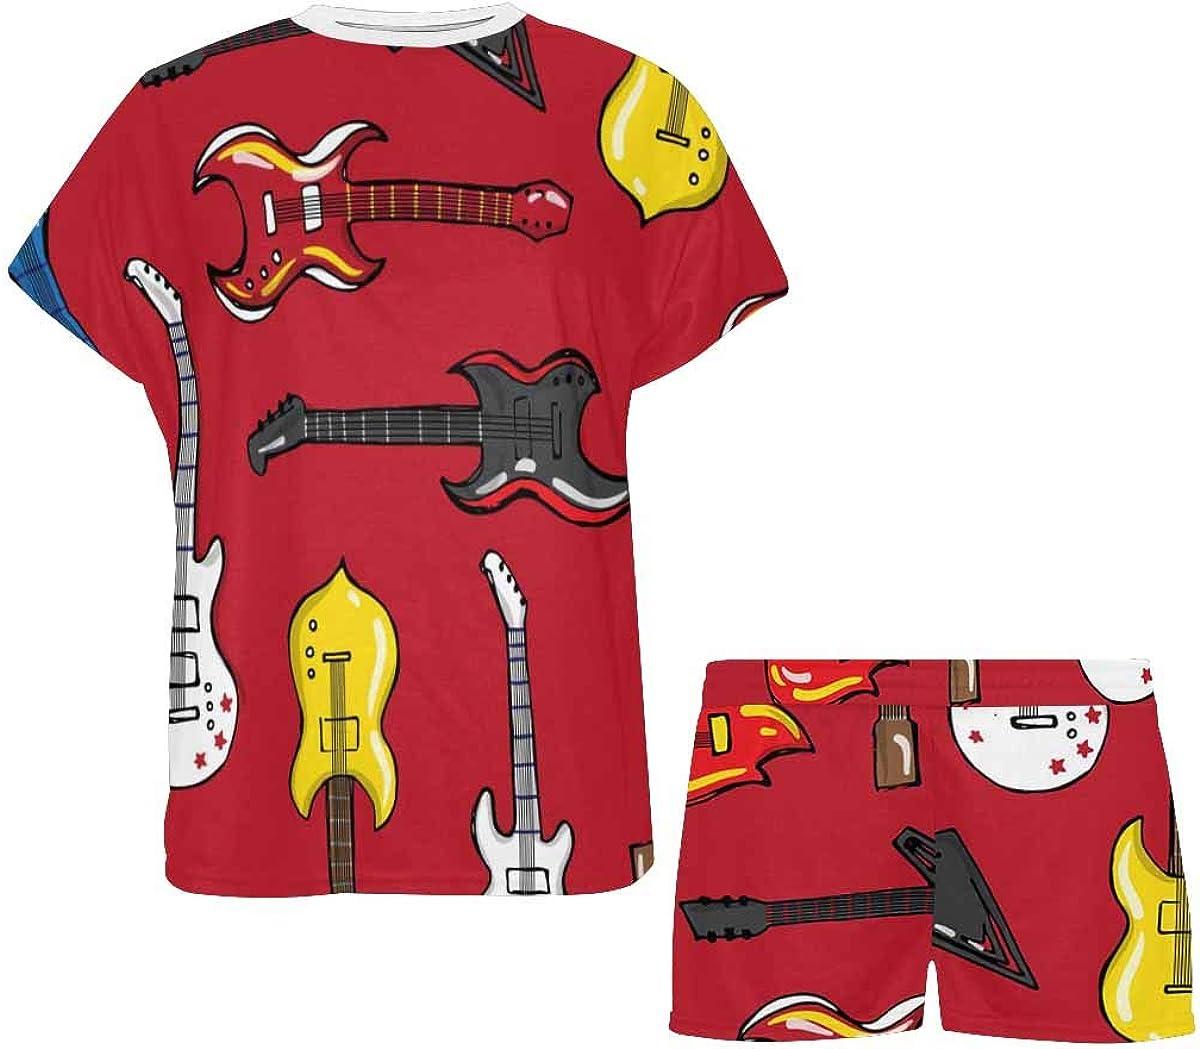 InterestPrint Guitars Different Shapes Women's Lightweight Pajama Set, Short Summer Pjs